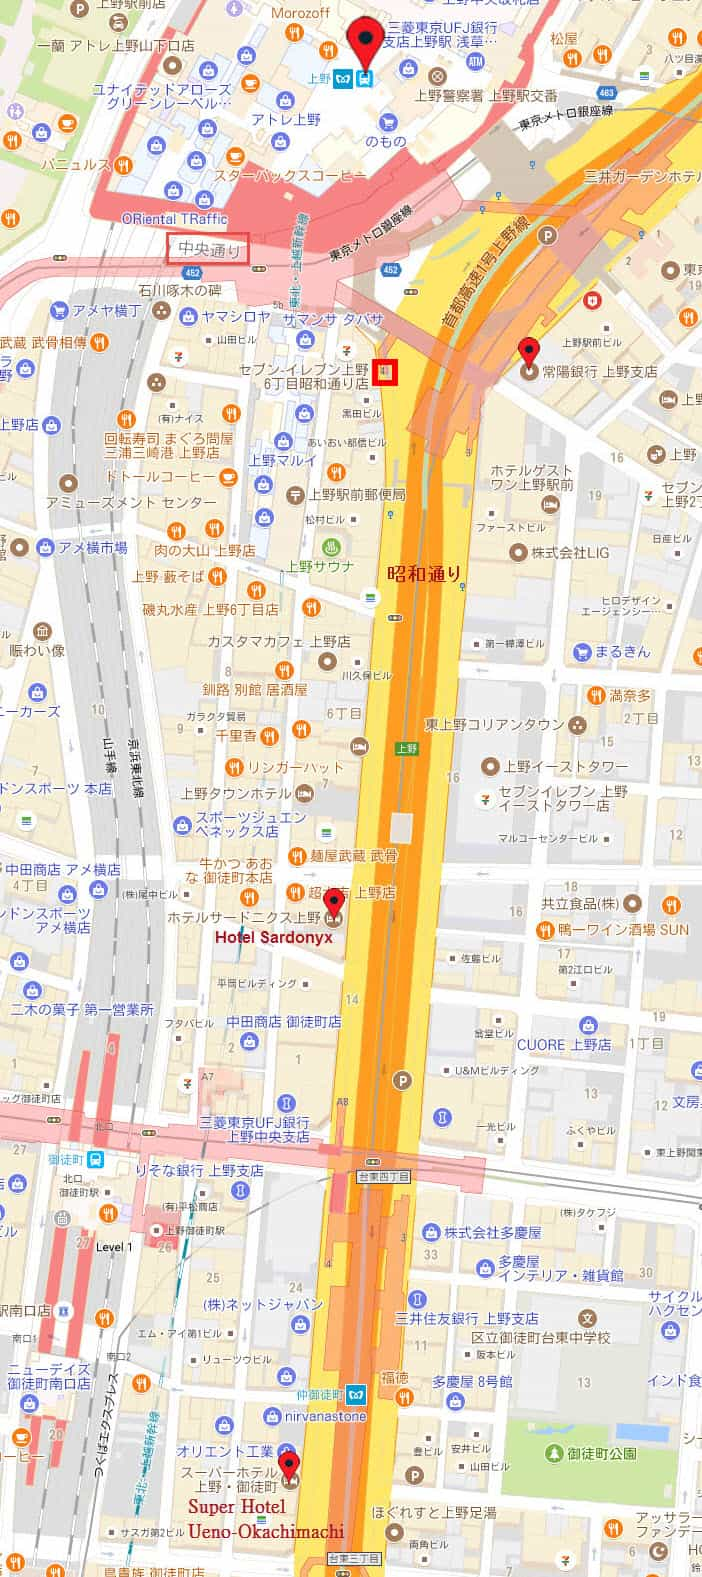 上野・御徒町超级酒店 Super Hotel Ueno-Okachimachi 地圖